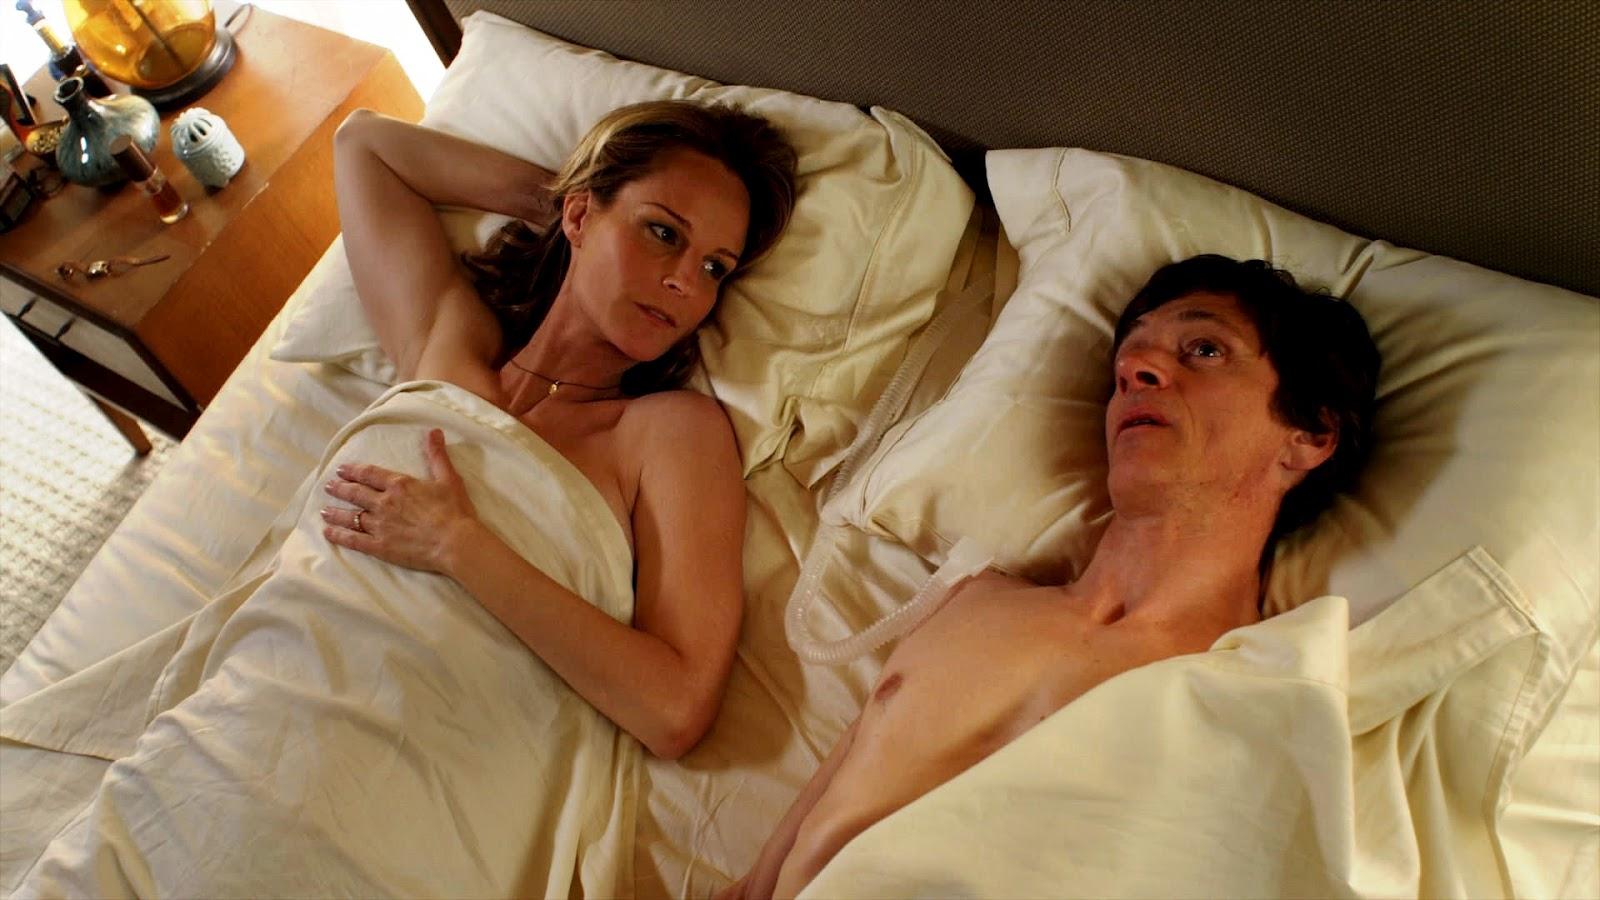 http://1.bp.blogspot.com/-YnGbEeSJ0XE/T3zmIhRoH4I/AAAAAAAACbc/qIPKIG-r2nk/s1600/The-Surrogate-John-Hawkes-Helen-Hunt-Nude-In-Bed-Sexy.jpg